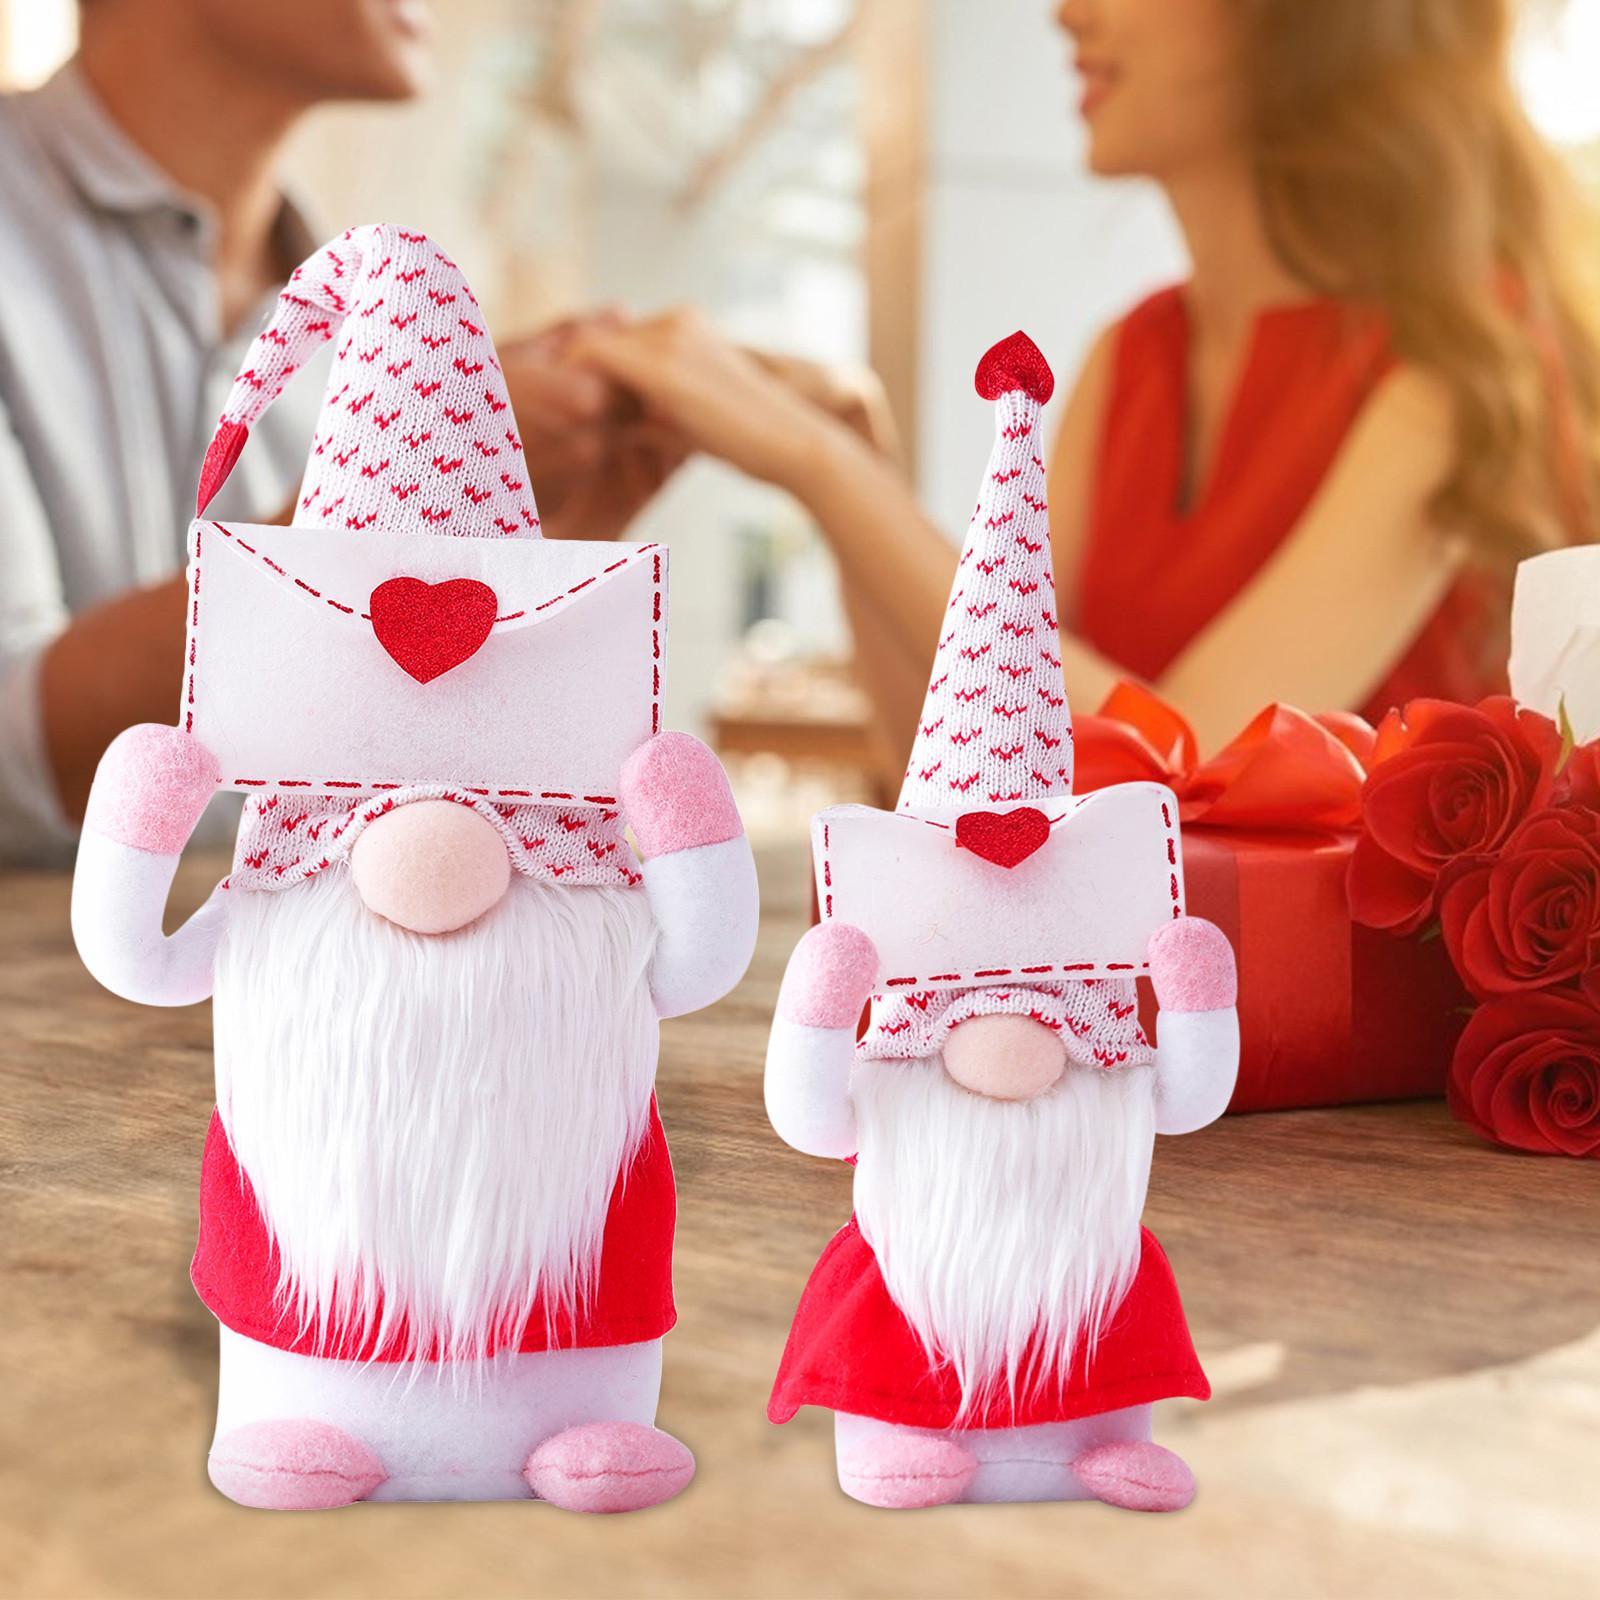 Конверт и любовь Шведский Санта Гном плюшевые кукла Праздник фигурки игрушка День Святого Валентина Кукла Орнаменты DDE4496